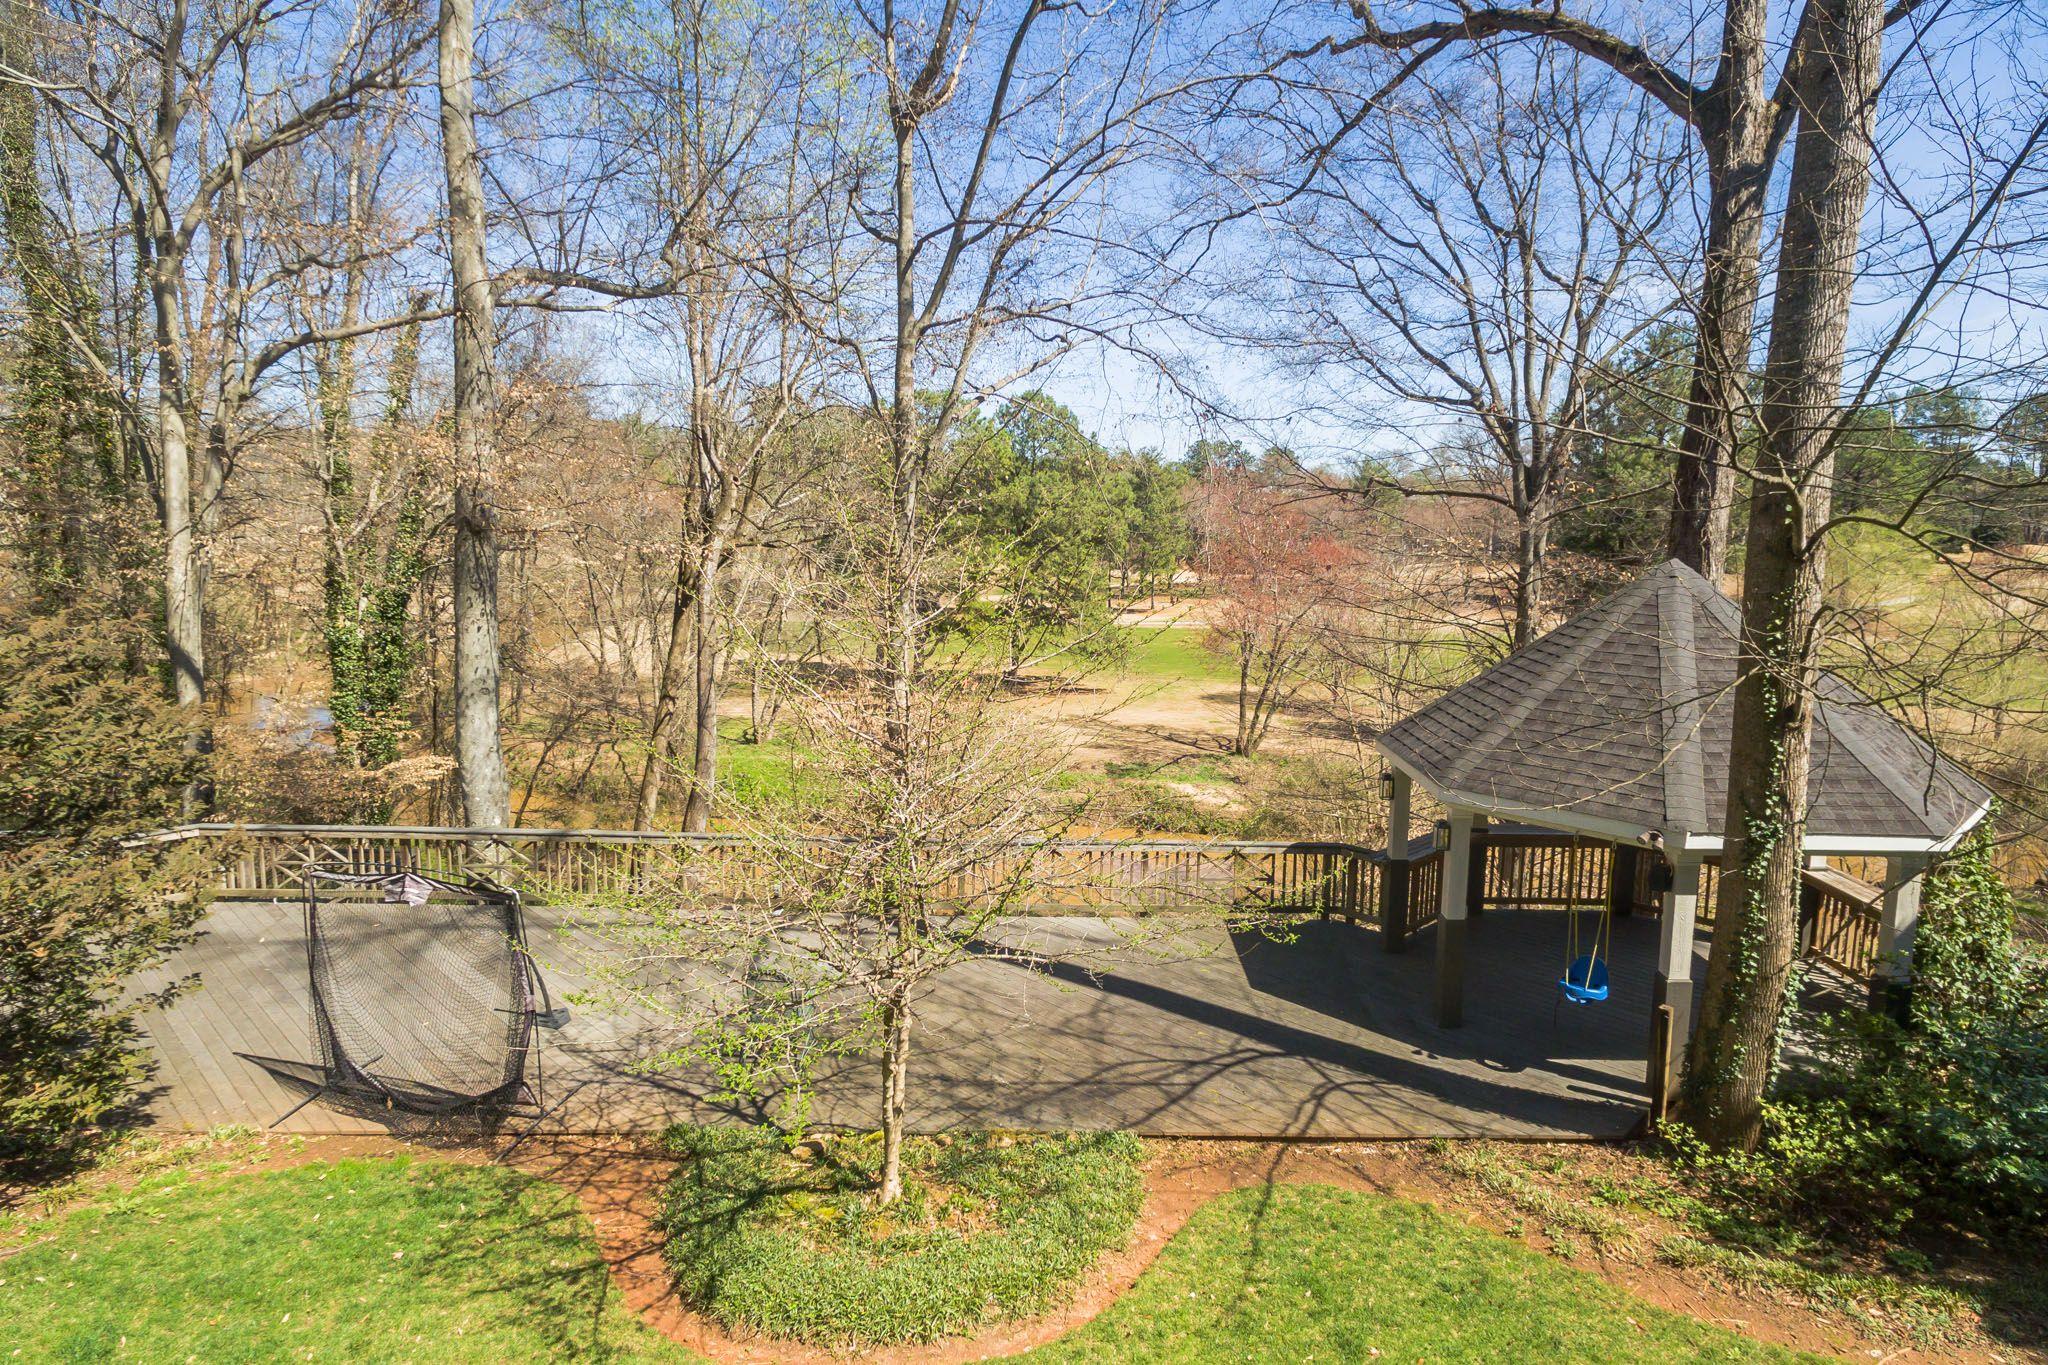 333 Riverside Drive | Beautiful backyards, Outdoor living ... on Riverside Outdoor Living id=83612